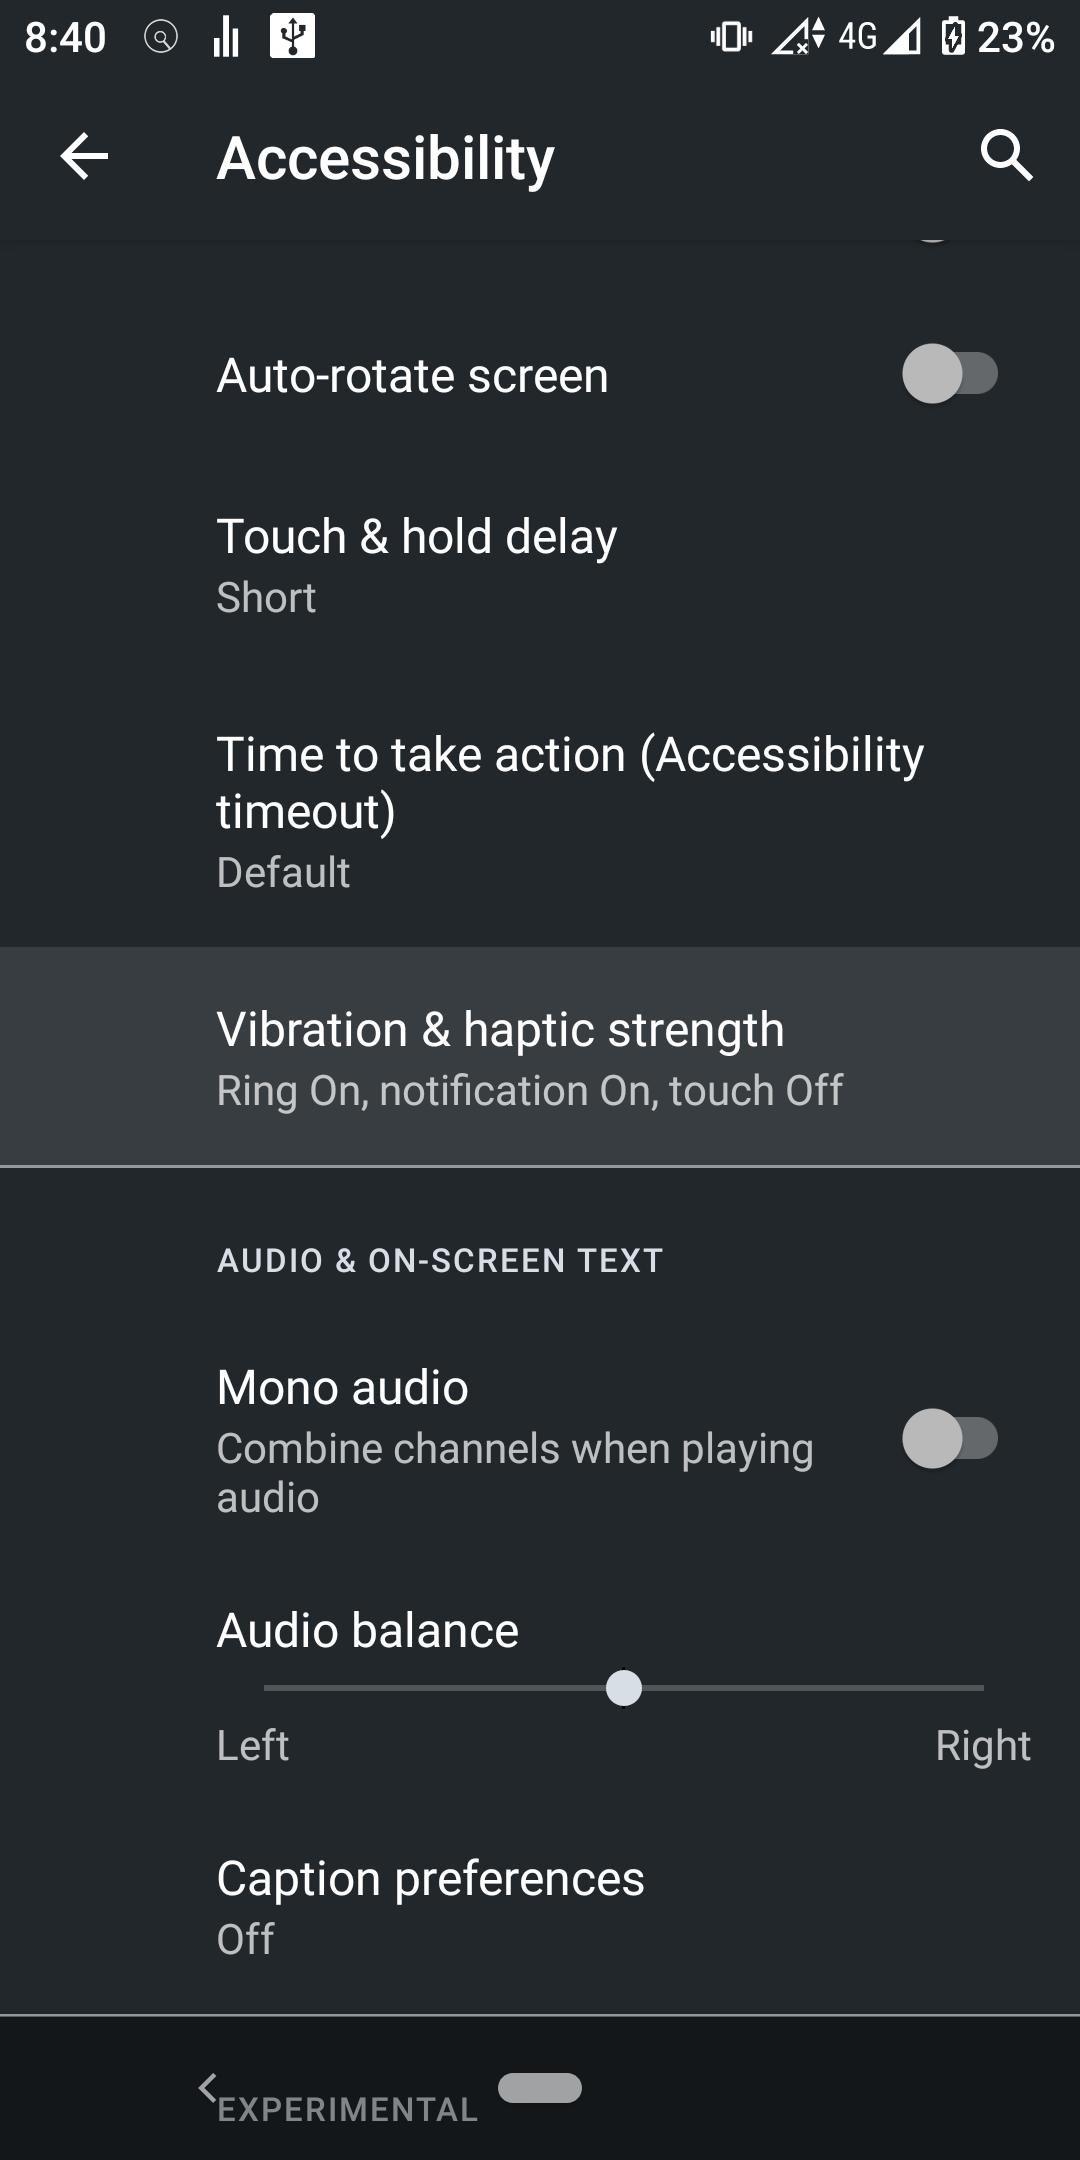 como ajustar la intensidad de la vibración en Android